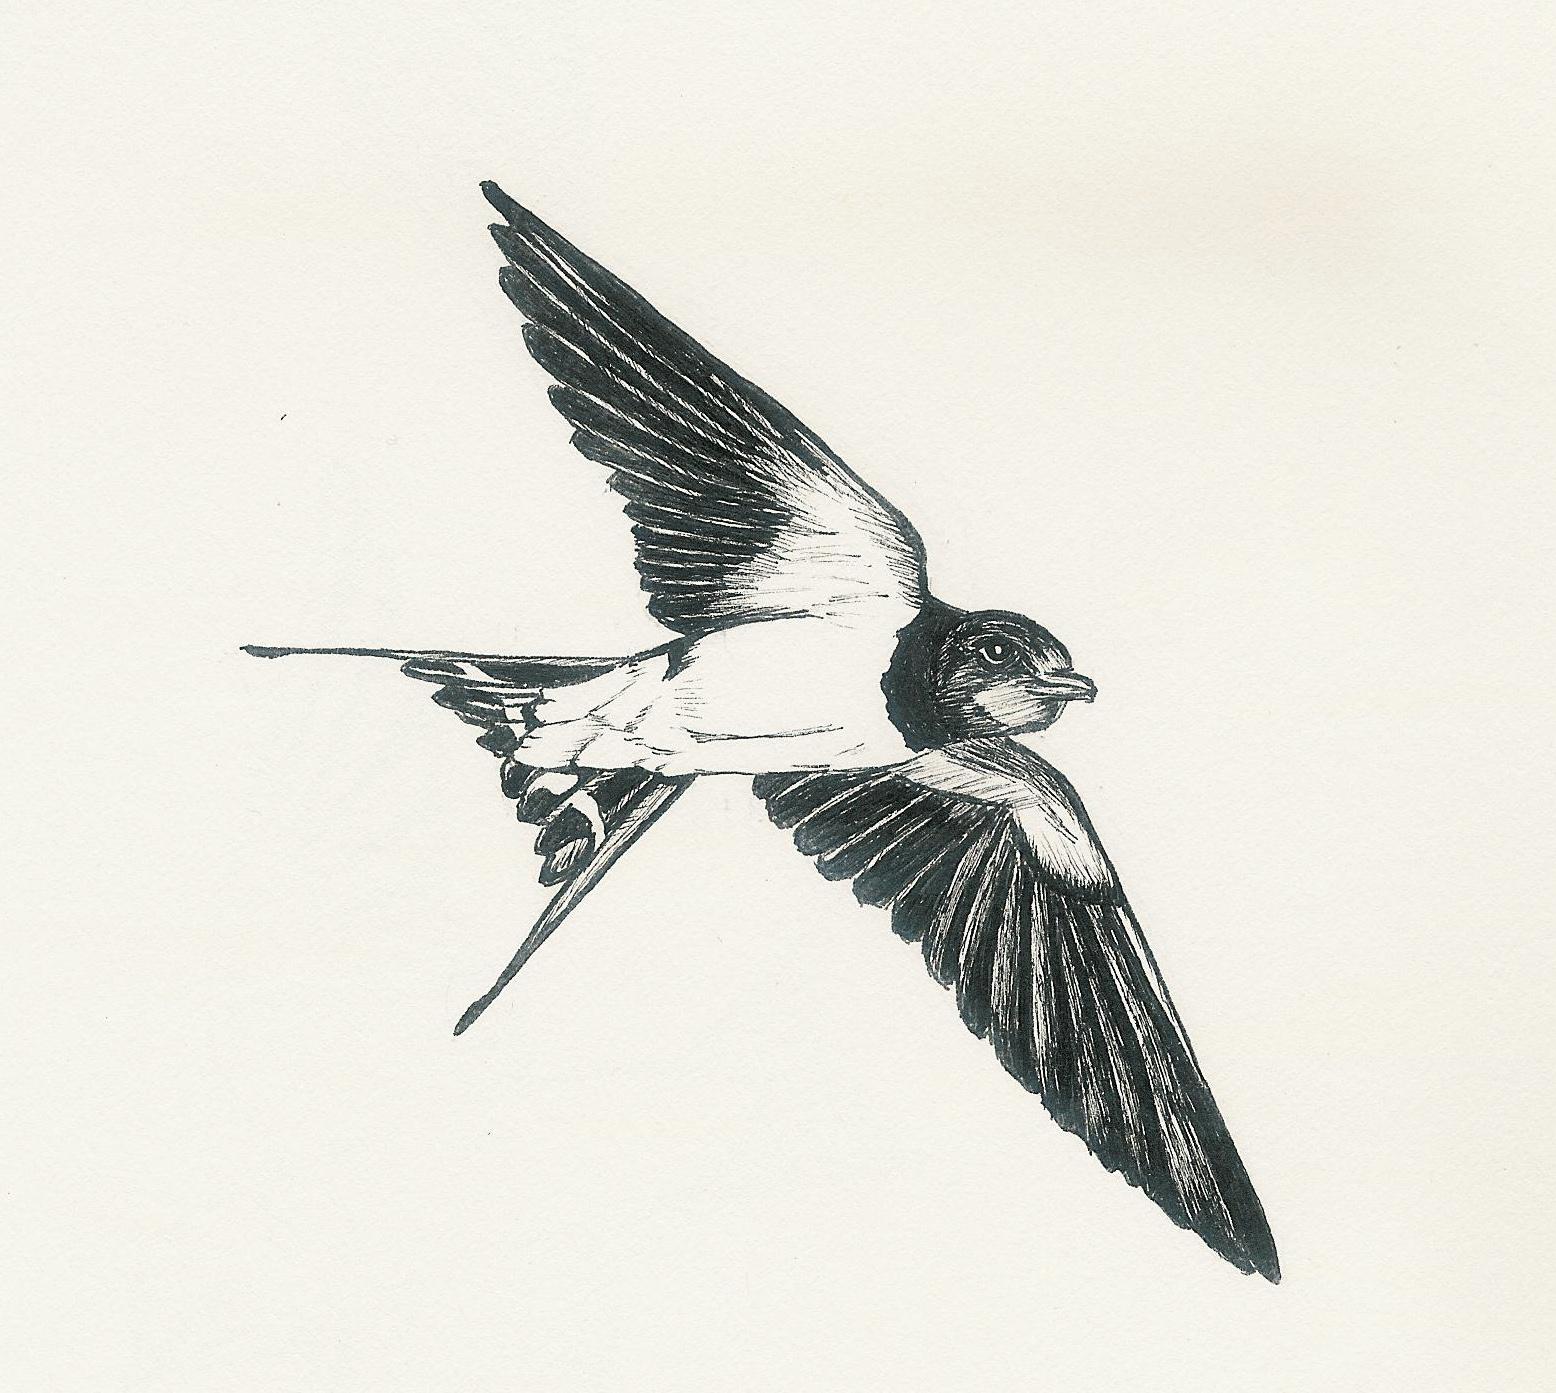 Swallow Bird Drawing At Getdrawings